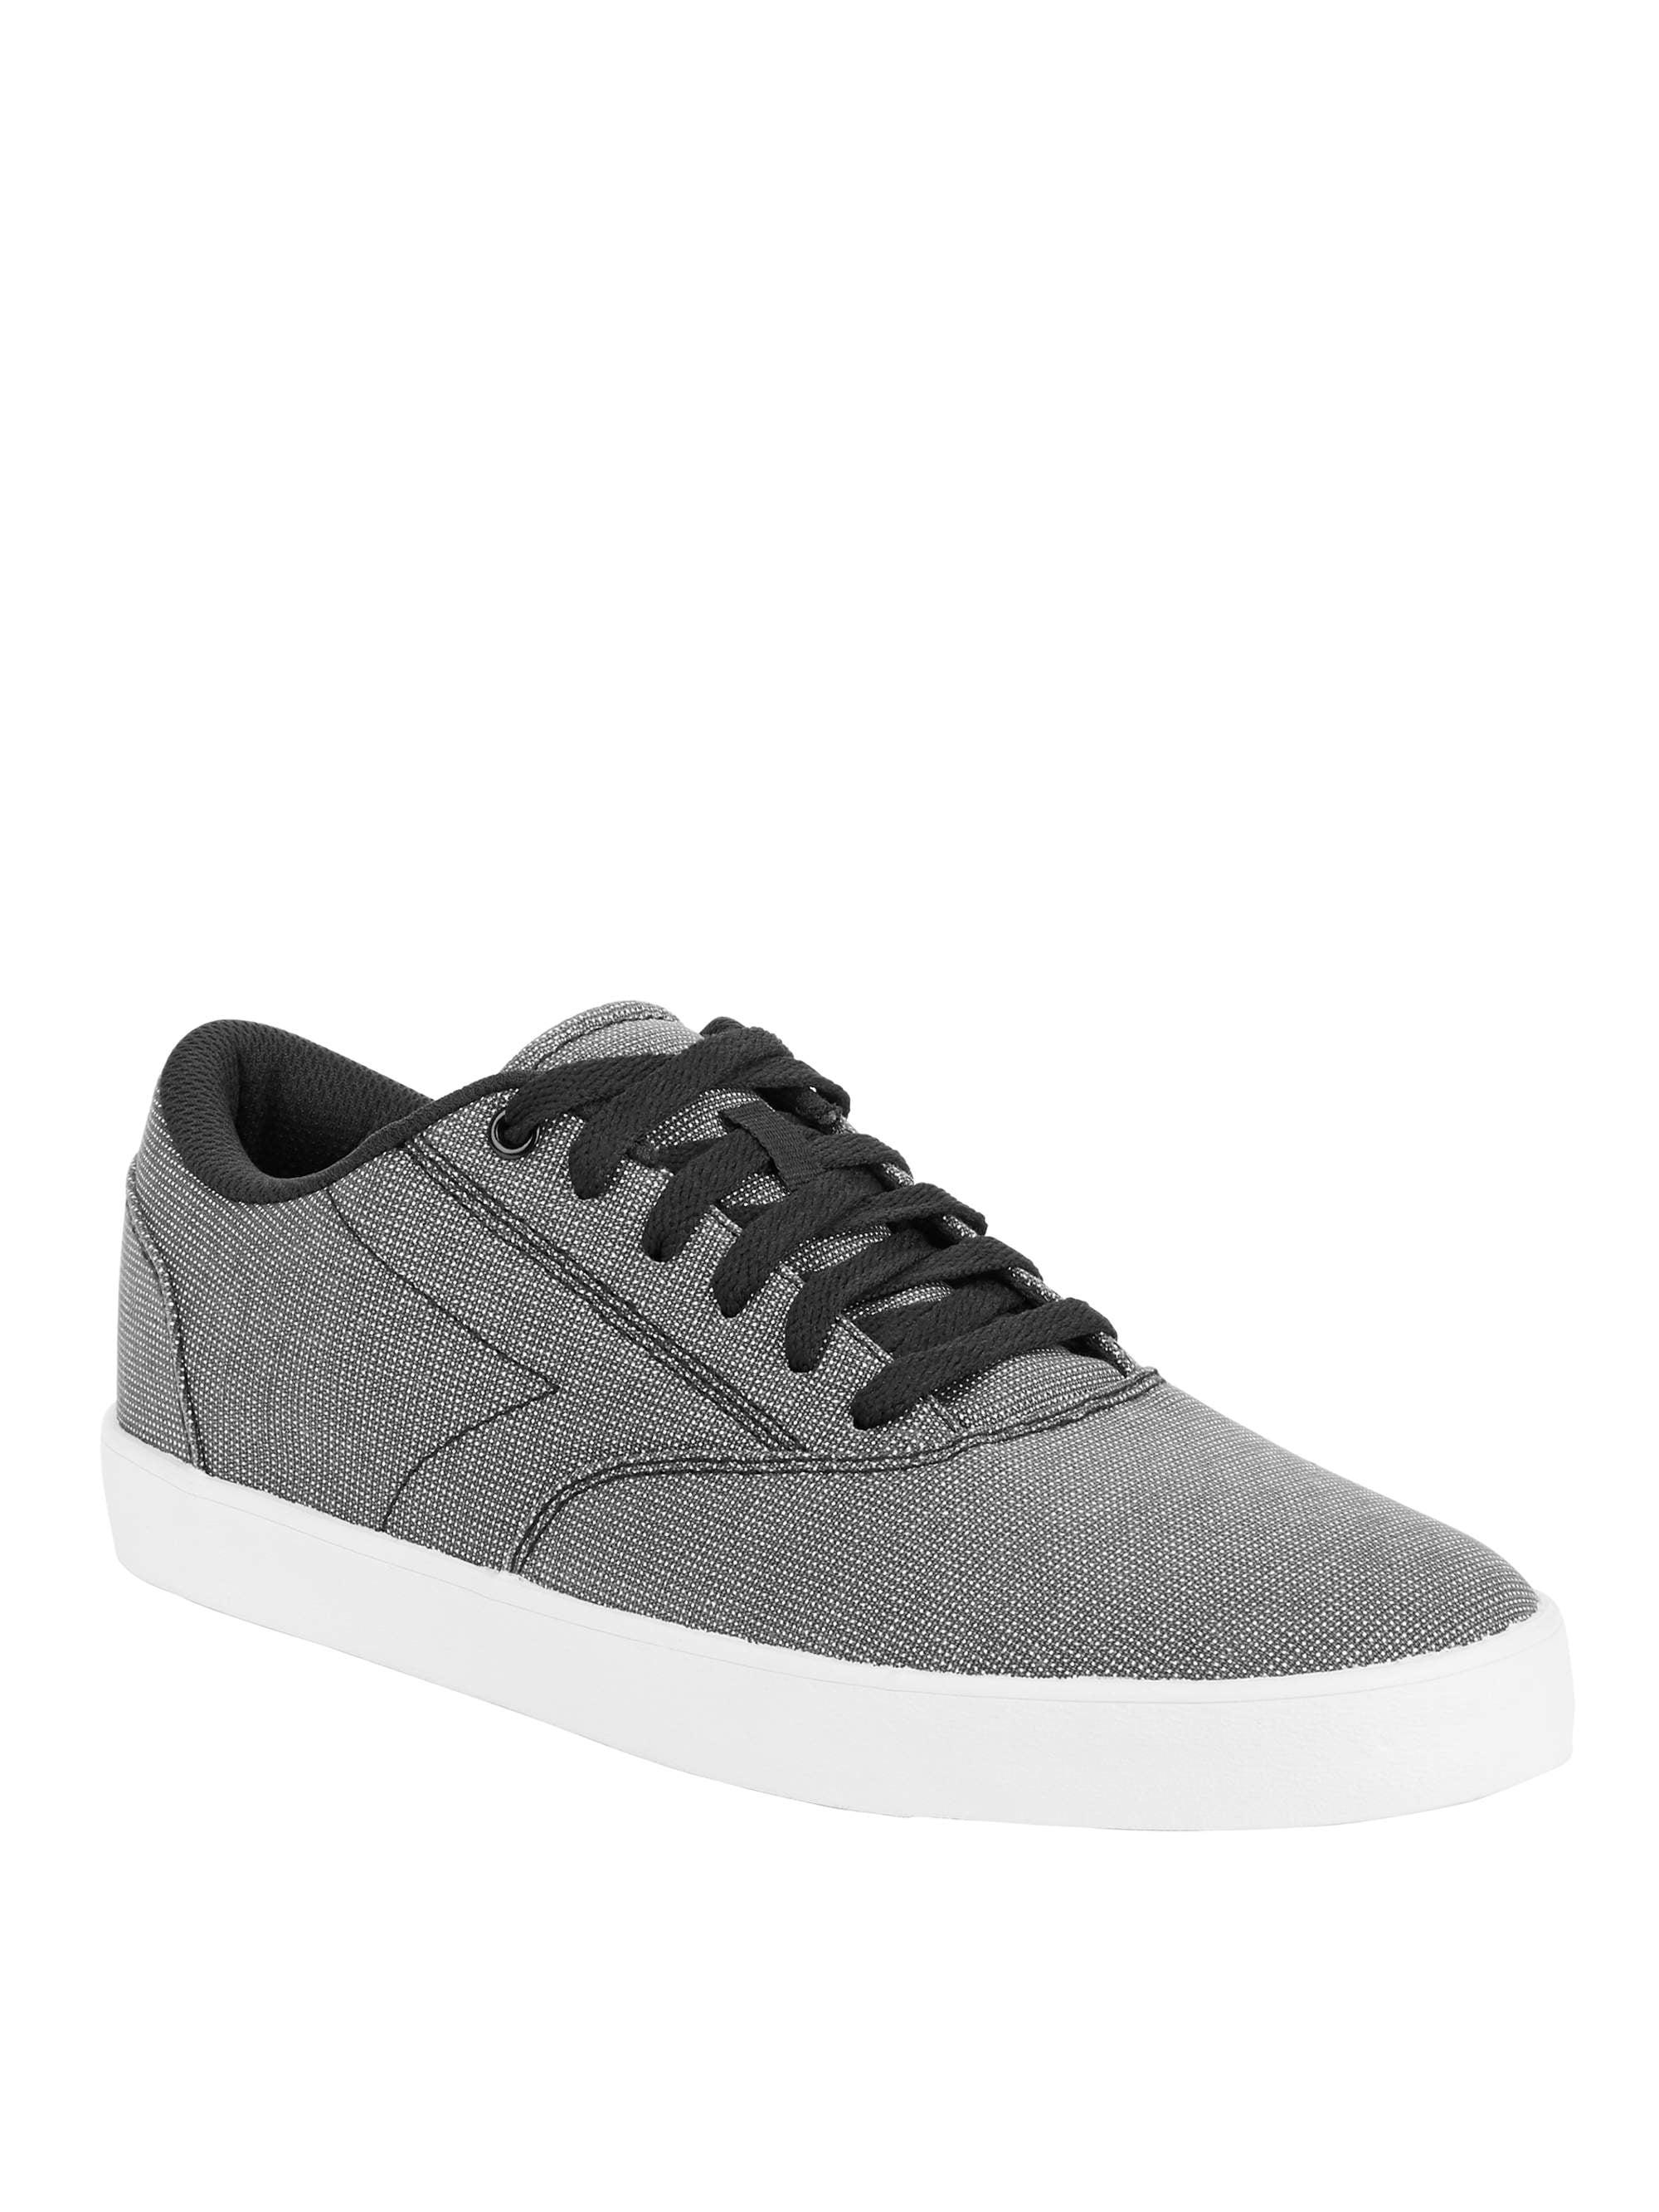 George Men's Canvas Skate Sneaker